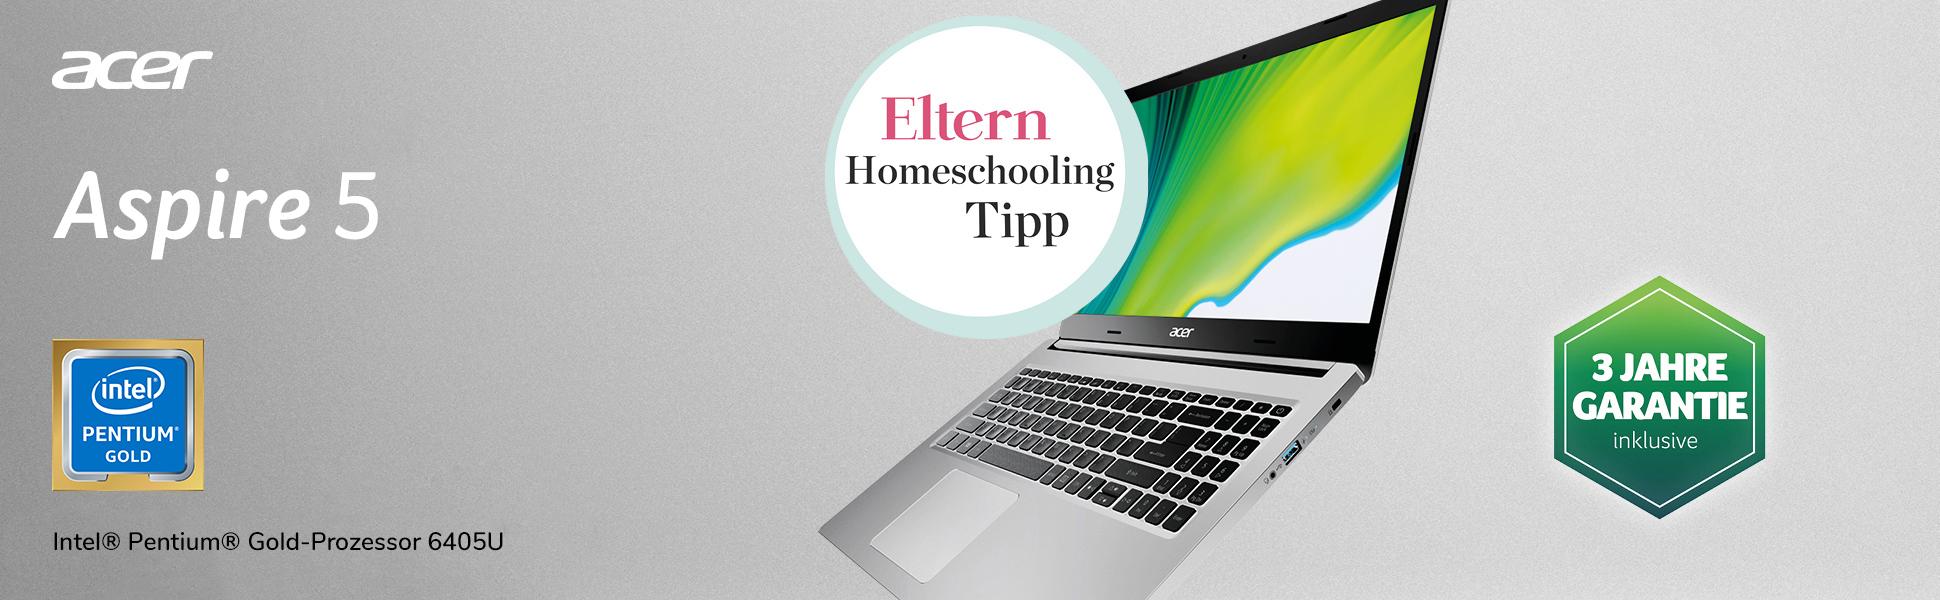 Powervoll und mobil. Das Aspire 5 von Acer bietet alles, was Sie für Ihren Schulalltag benötigen.